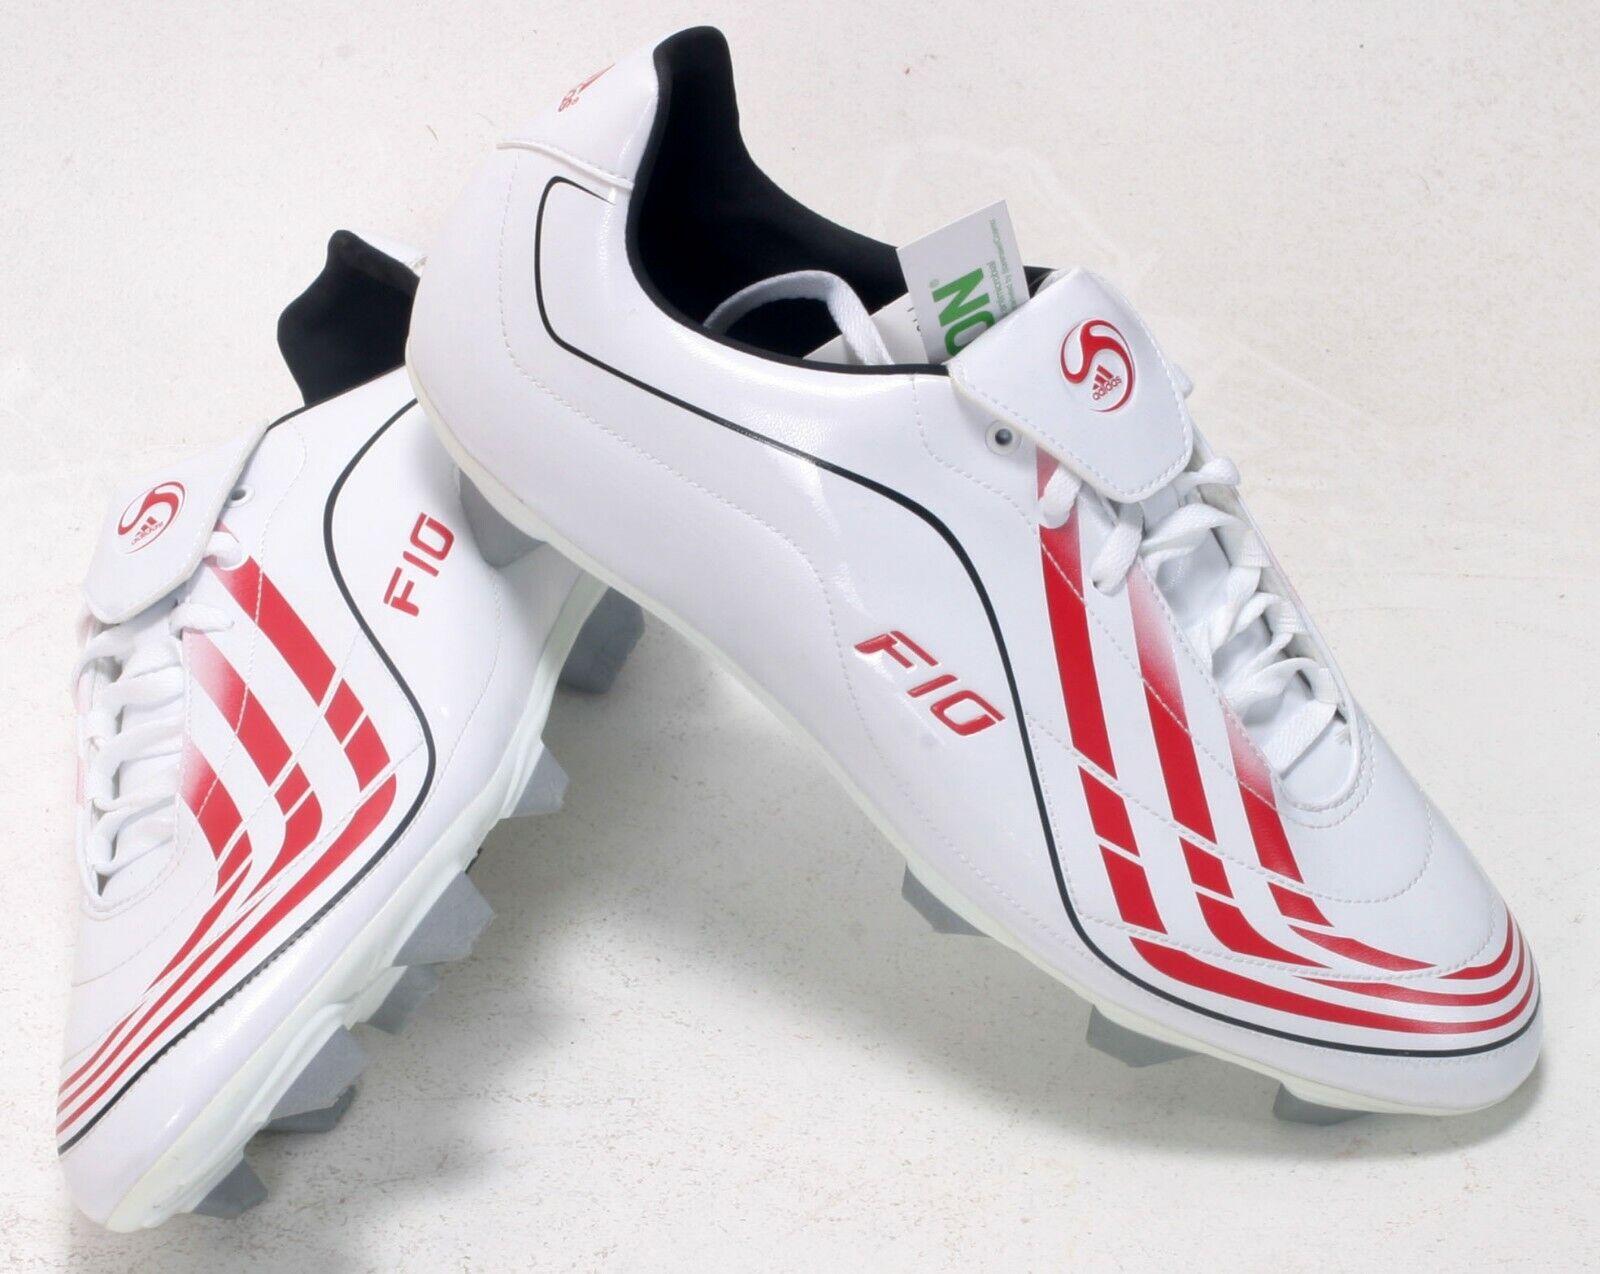 Adidas F10.9 TRX SG botas Moldeado Tachuelas blancoo Rojo12 EU471 3 G04426 Nuevo Y En Caja